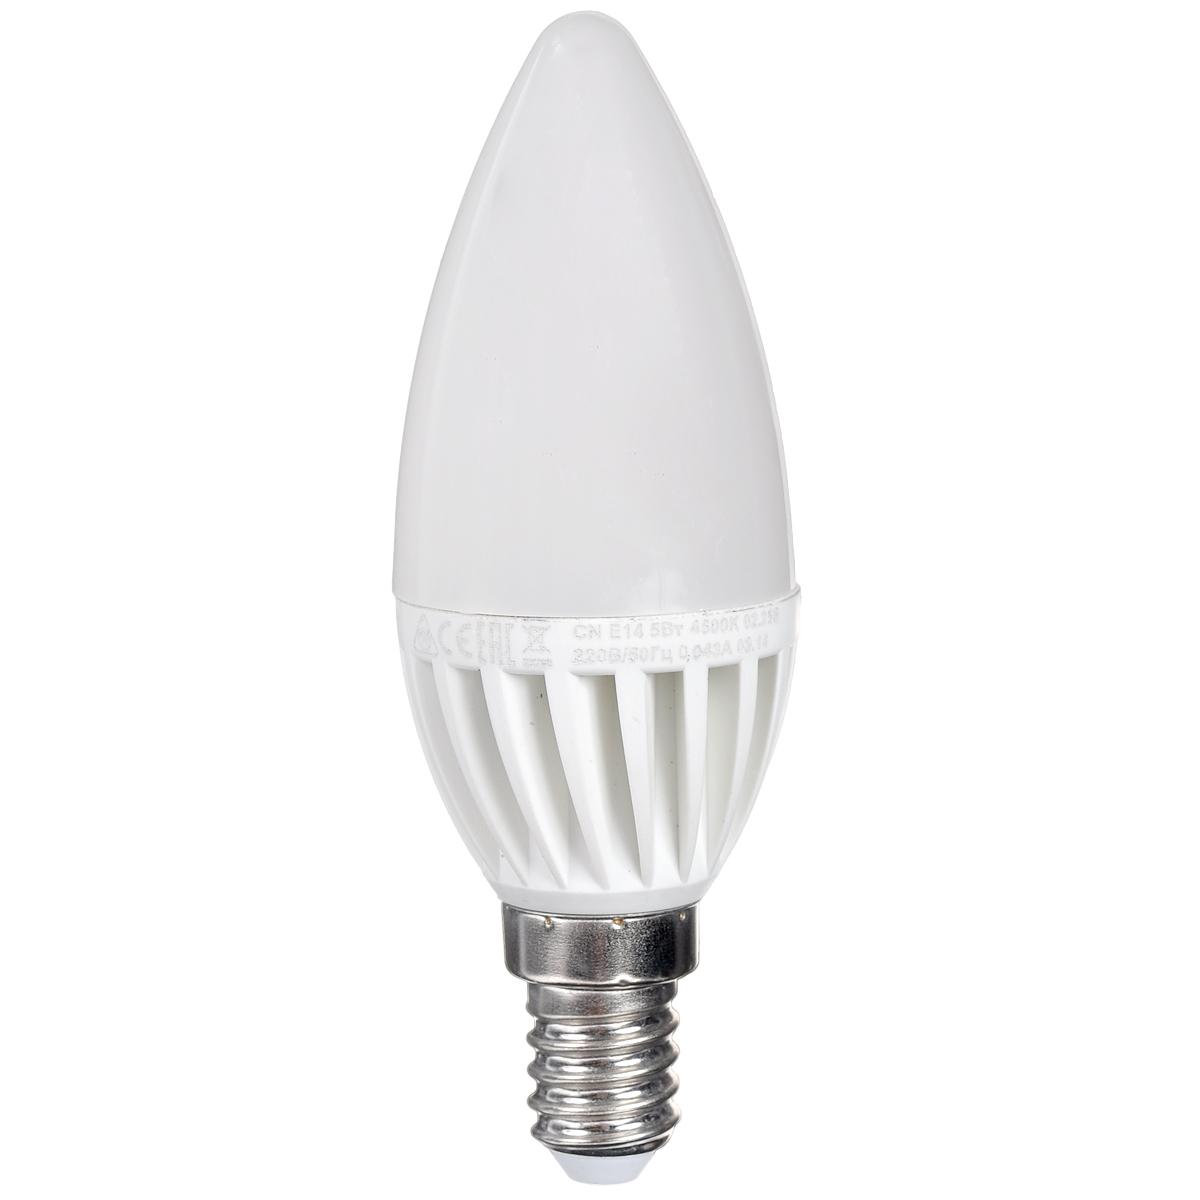 Светодиодная лампа Kosmos, белый свет, цоколь E14, 5W, 220V. Lksm_LED5wCNE1445C0038550КОСМОС LED CN 5Вт 220В E14 4500K (Lksm LED5wCNE1445) – представитель декоративной серии ламп из световых диодов. Преследует эффективное использование посредством классических люстр и БРА. Лампа сделана из оптимальных комплектующих, способна прослужить 30 тысяч часов. Экономия – до 90% электроэнергии. Цветовой индекс передачи Ra составляет >80. Заменяет ЛОН на 60W.Уважаемые клиенты! Обращаем ваше внимание на возможные изменения в дизайне упаковки. Качественные характеристики товара остаются неизменными. Поставка осуществляется в зависимости от наличия на складе.